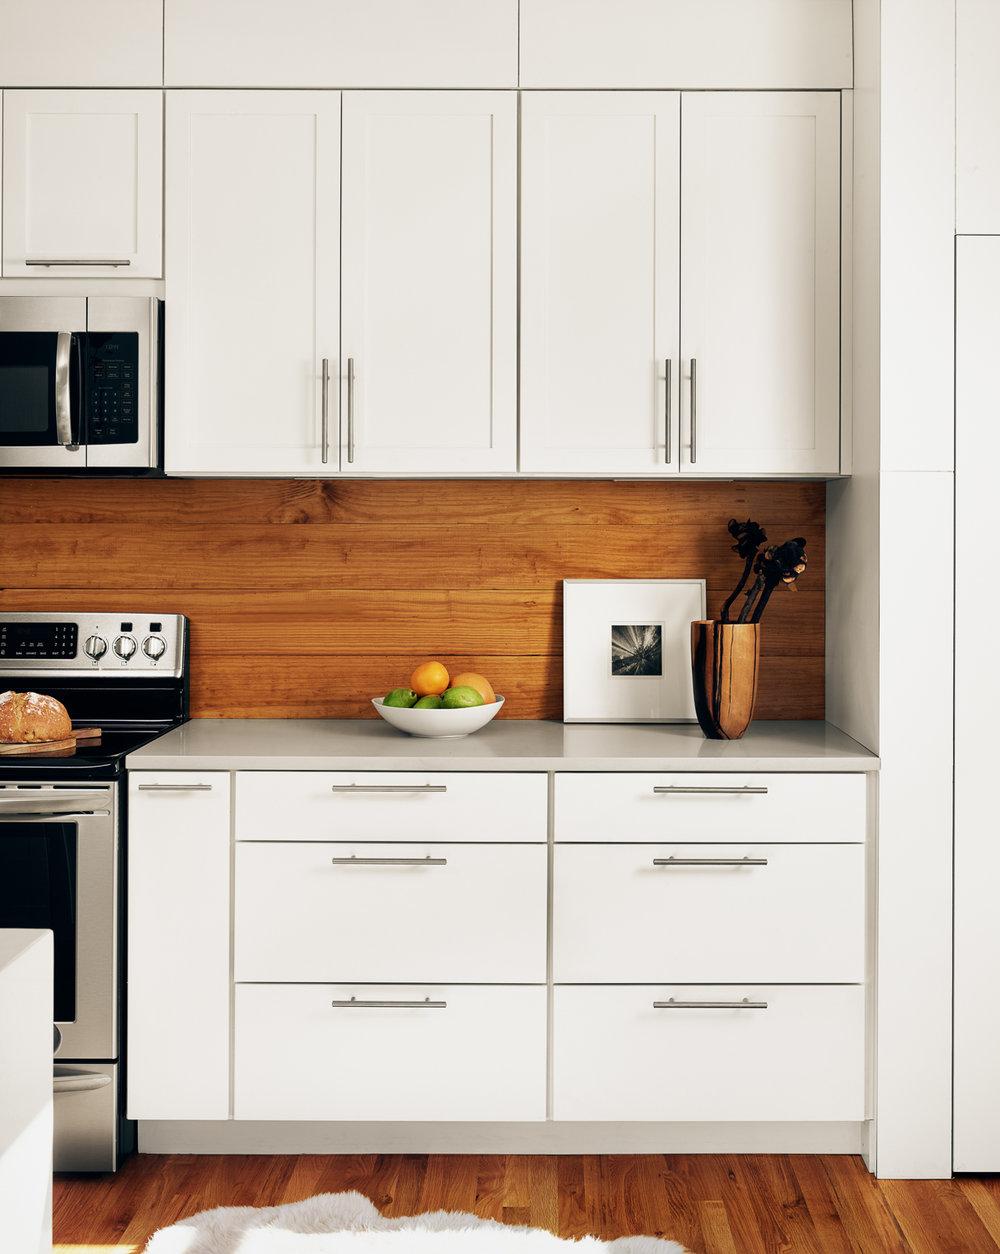 kitchendetail113891.jpg